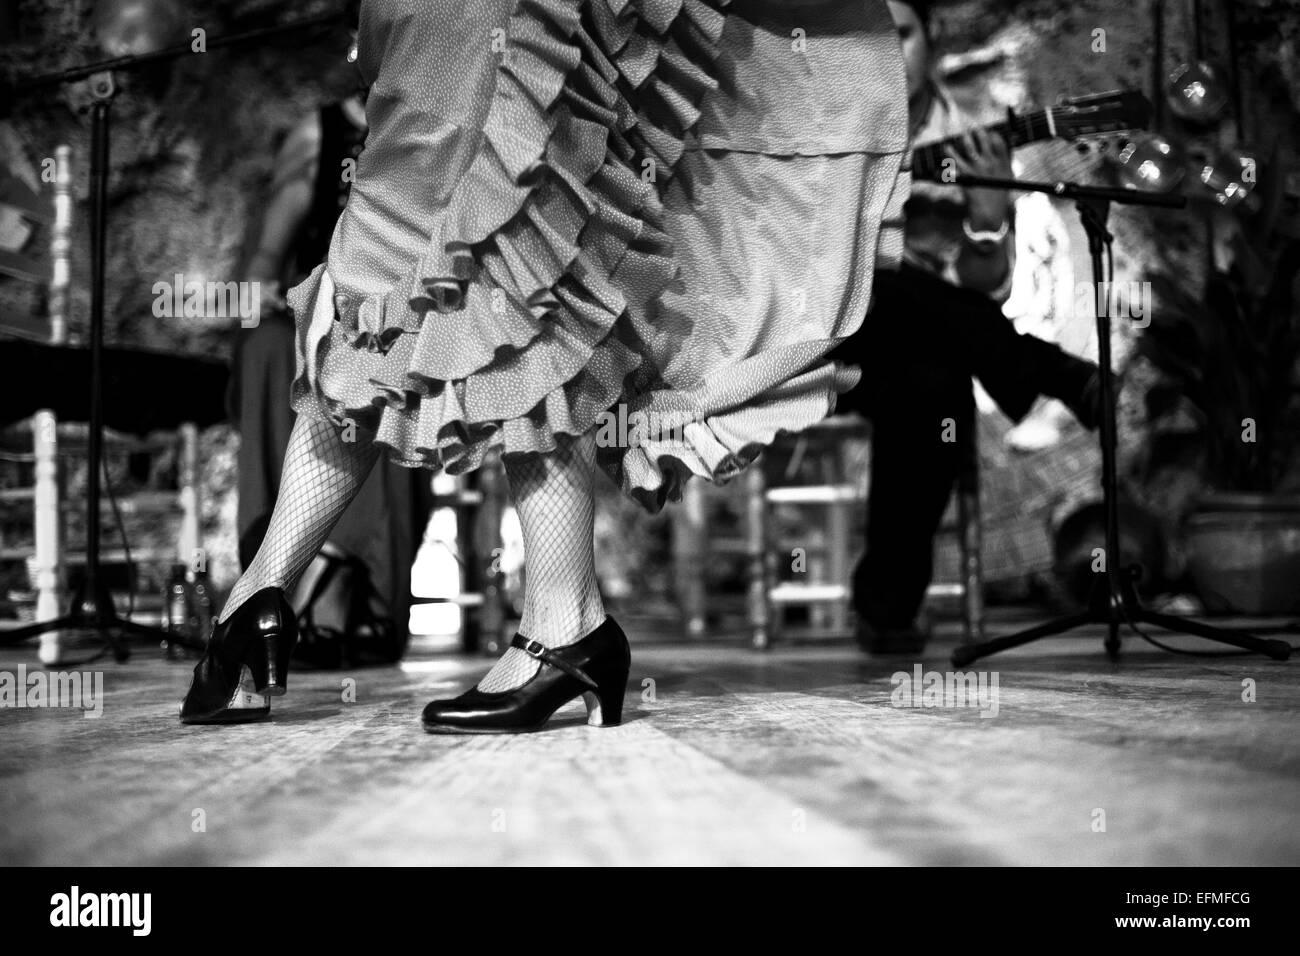 Flamenco-Tanz in einer Höhle in Spanien. Stockbild